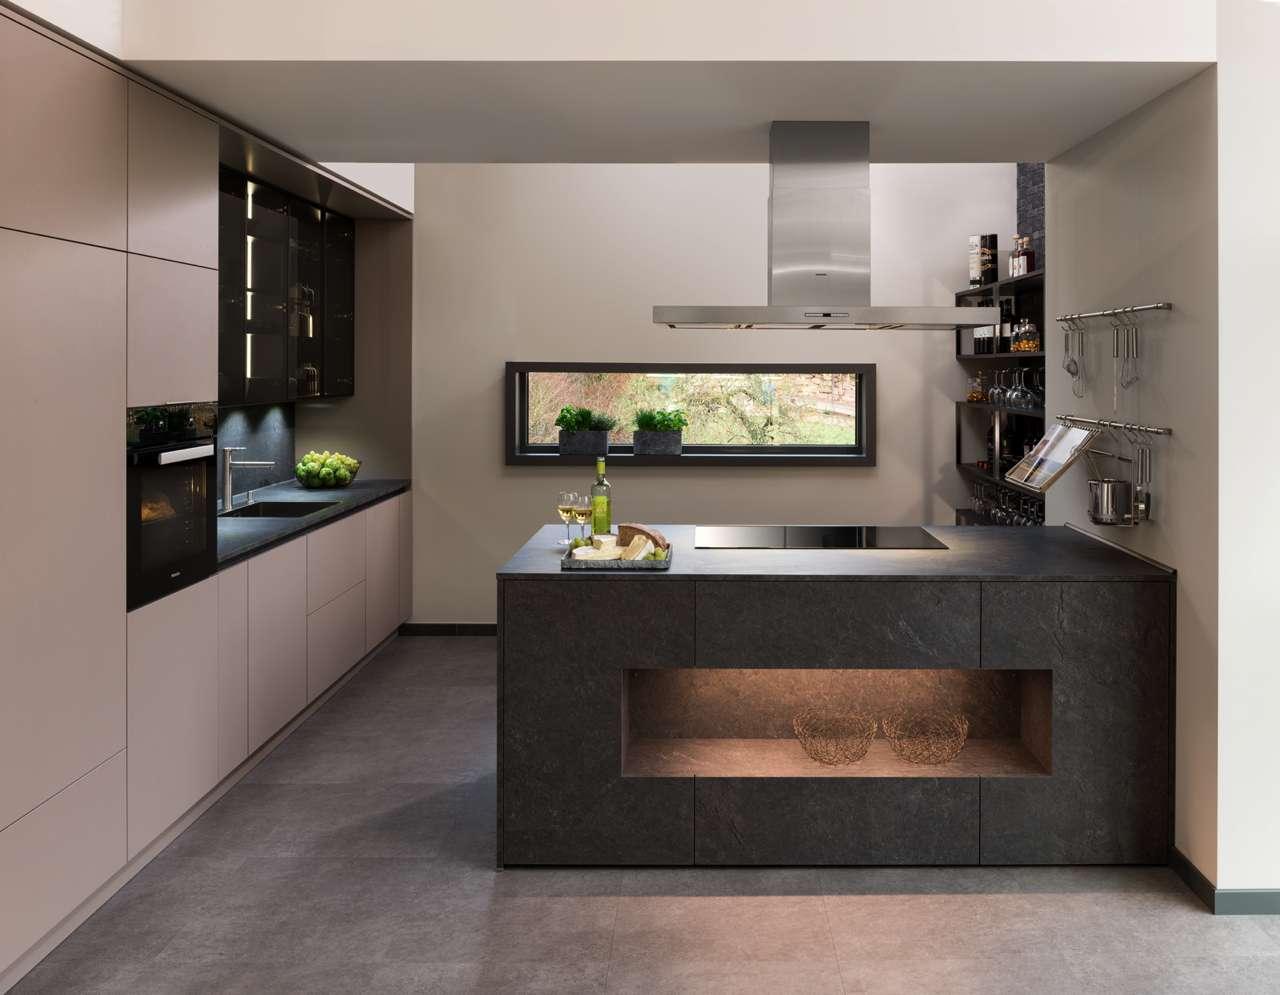 Lami stein-schiefer – Küchen Journal